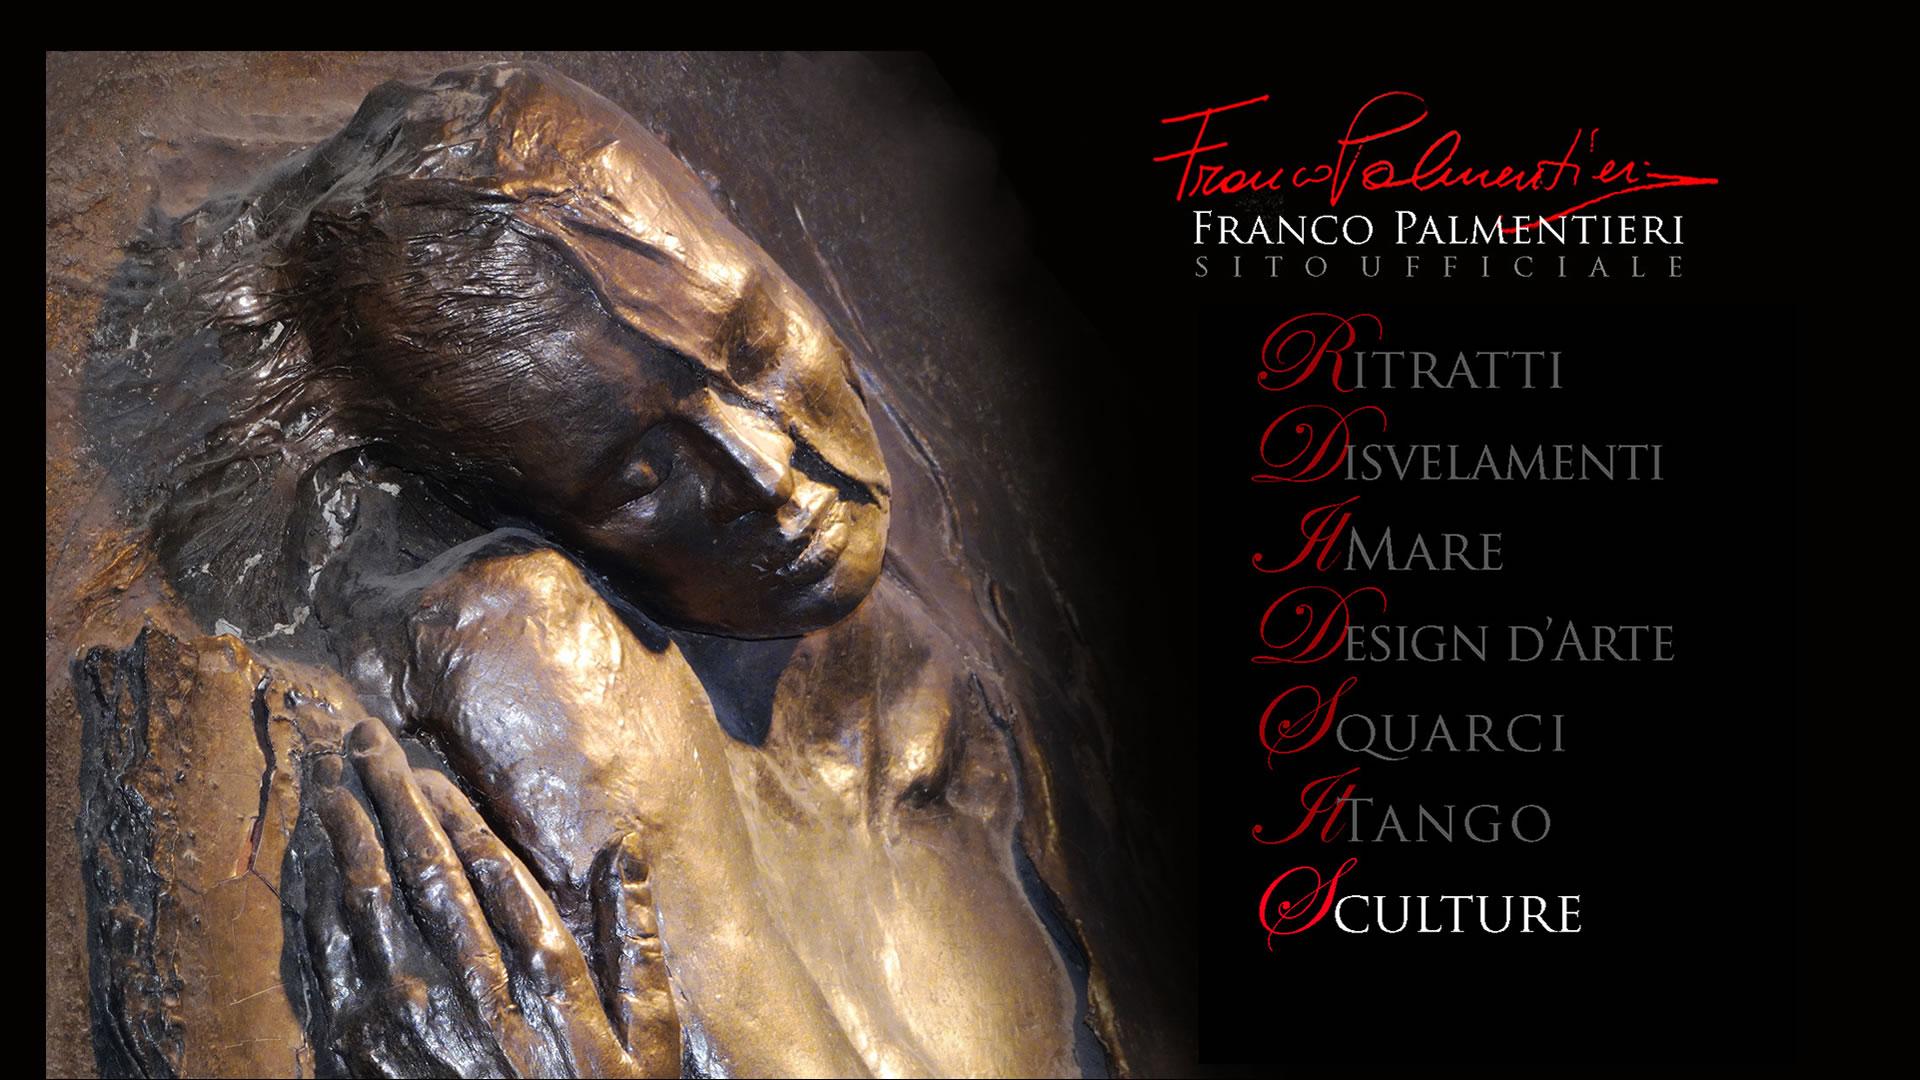 Sculture - Franco Palmentieri